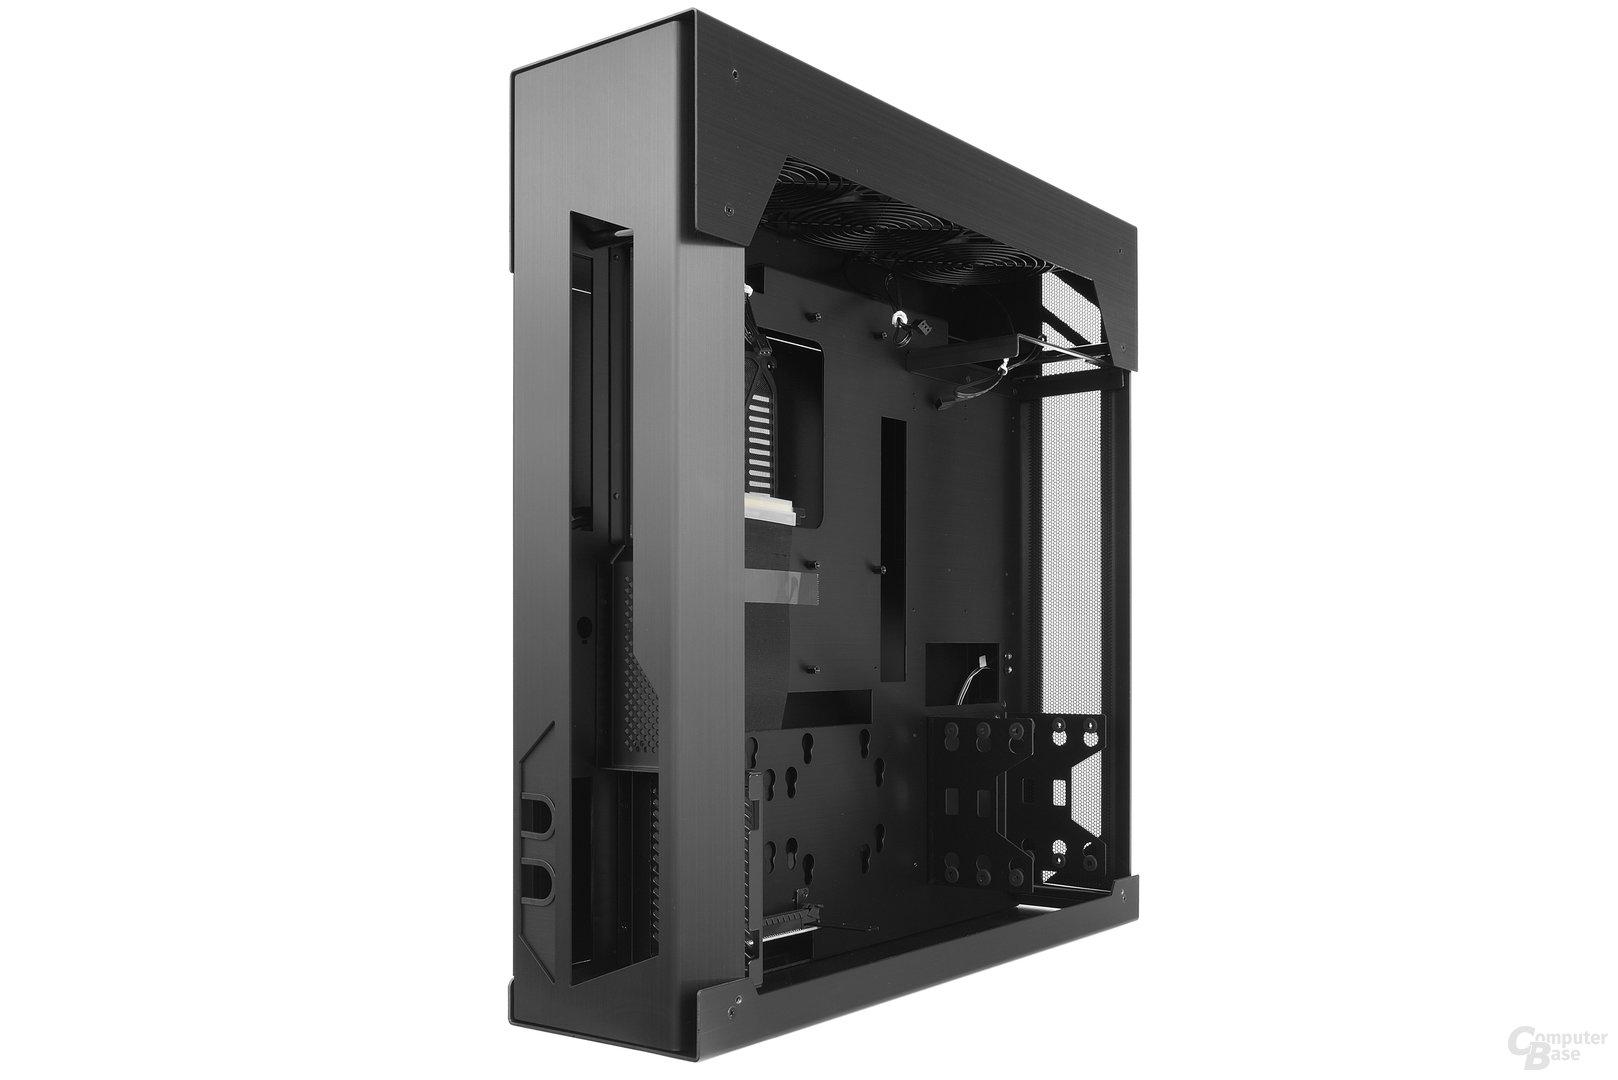 Lian Li PC-O6S – Seitliche Innenraumansicht